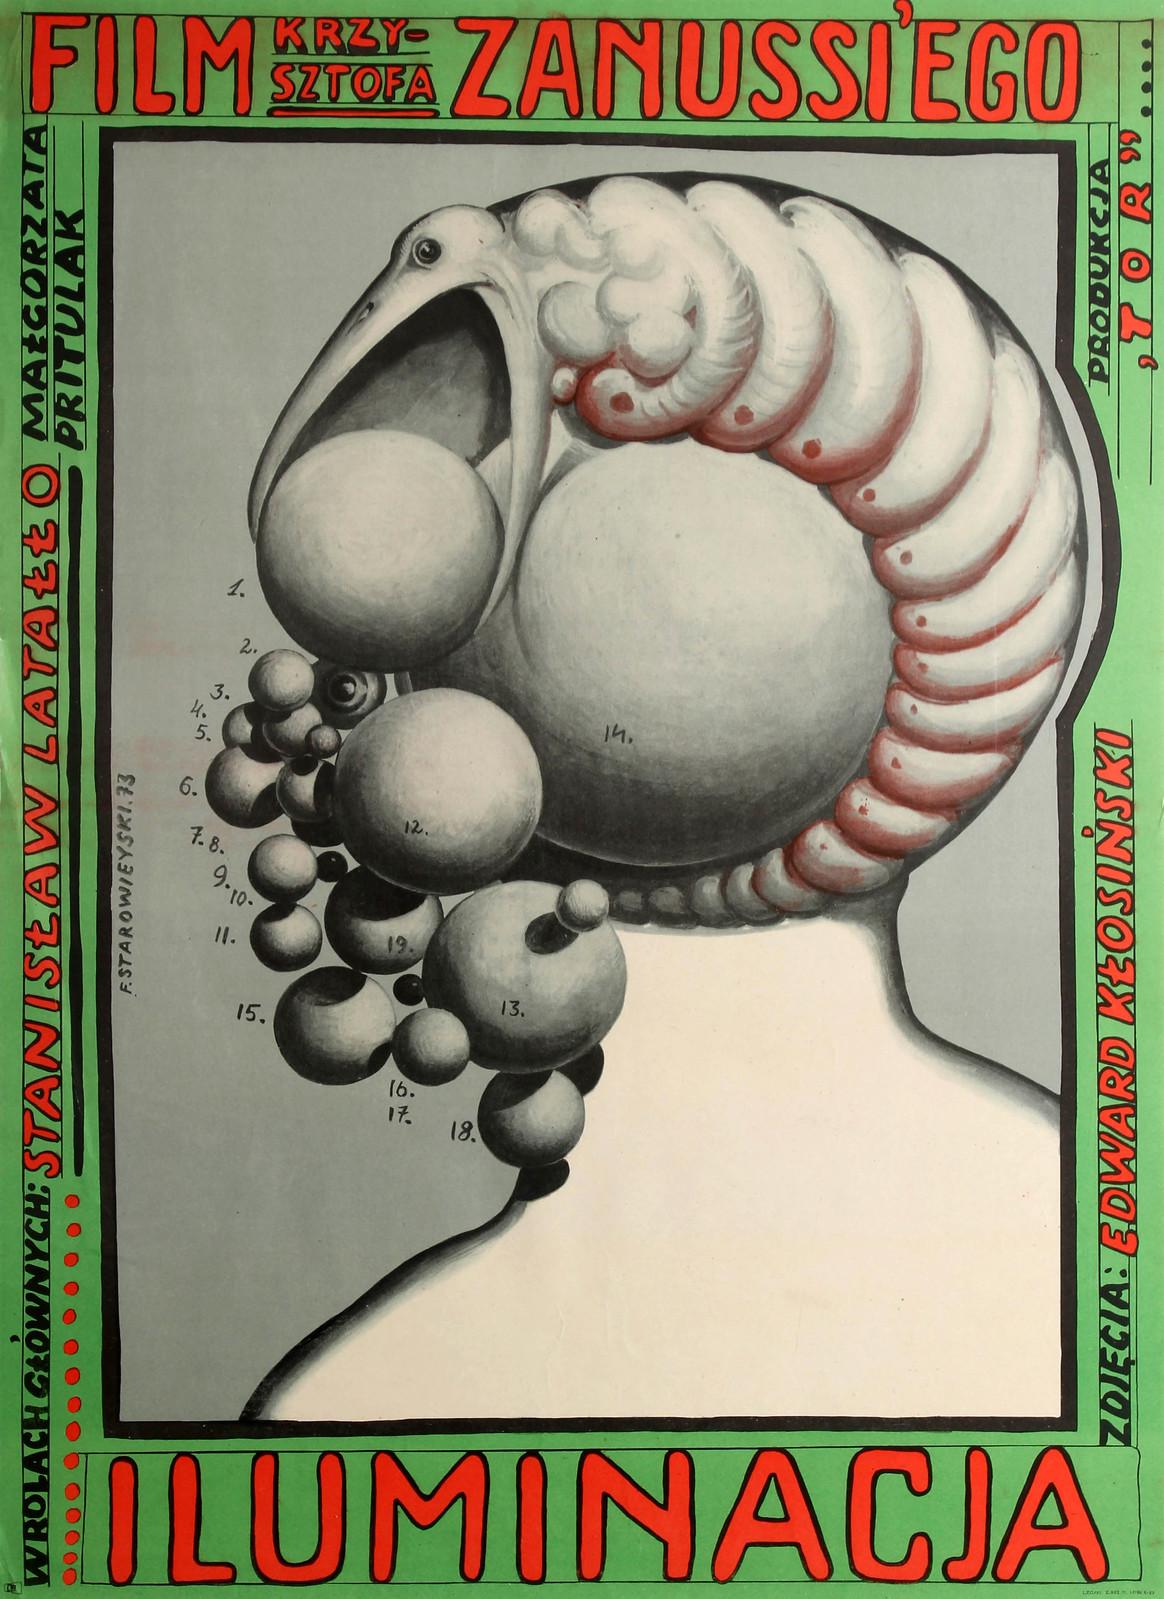 Franciszek Starowieyski - Illumination, 1973